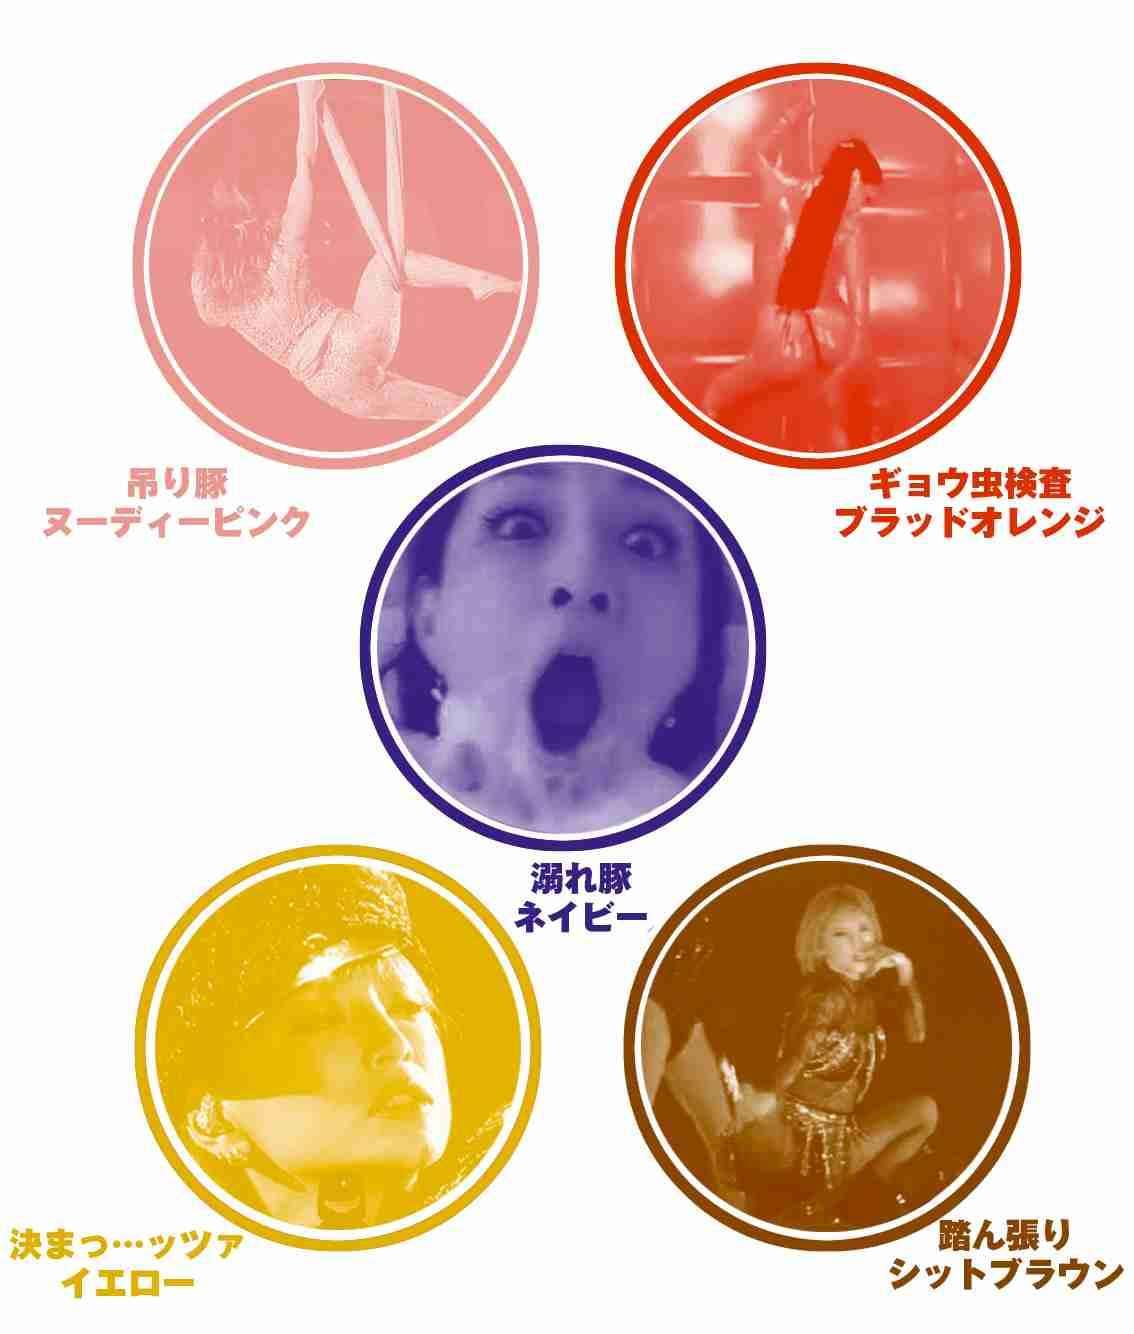 浜崎あゆみ テレビ出演の控え室はコンラッド東京で100万円以上!?…女王が見せた仰天セレブぶり